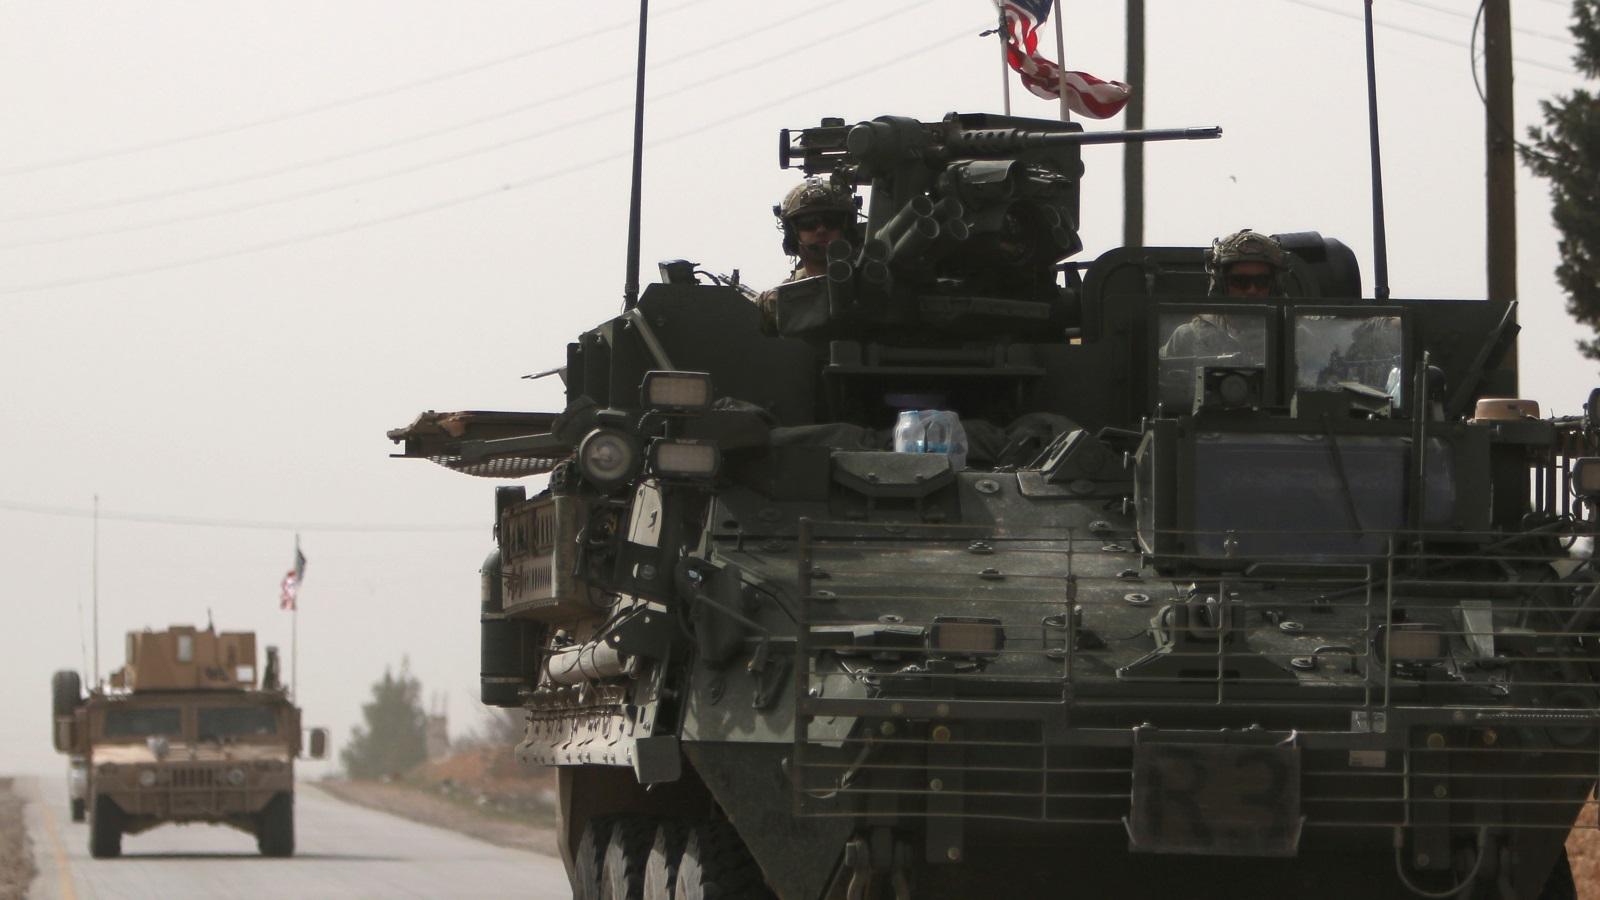 تركيا وتحديات الانسحاب العسكري الأميركي من سوريا